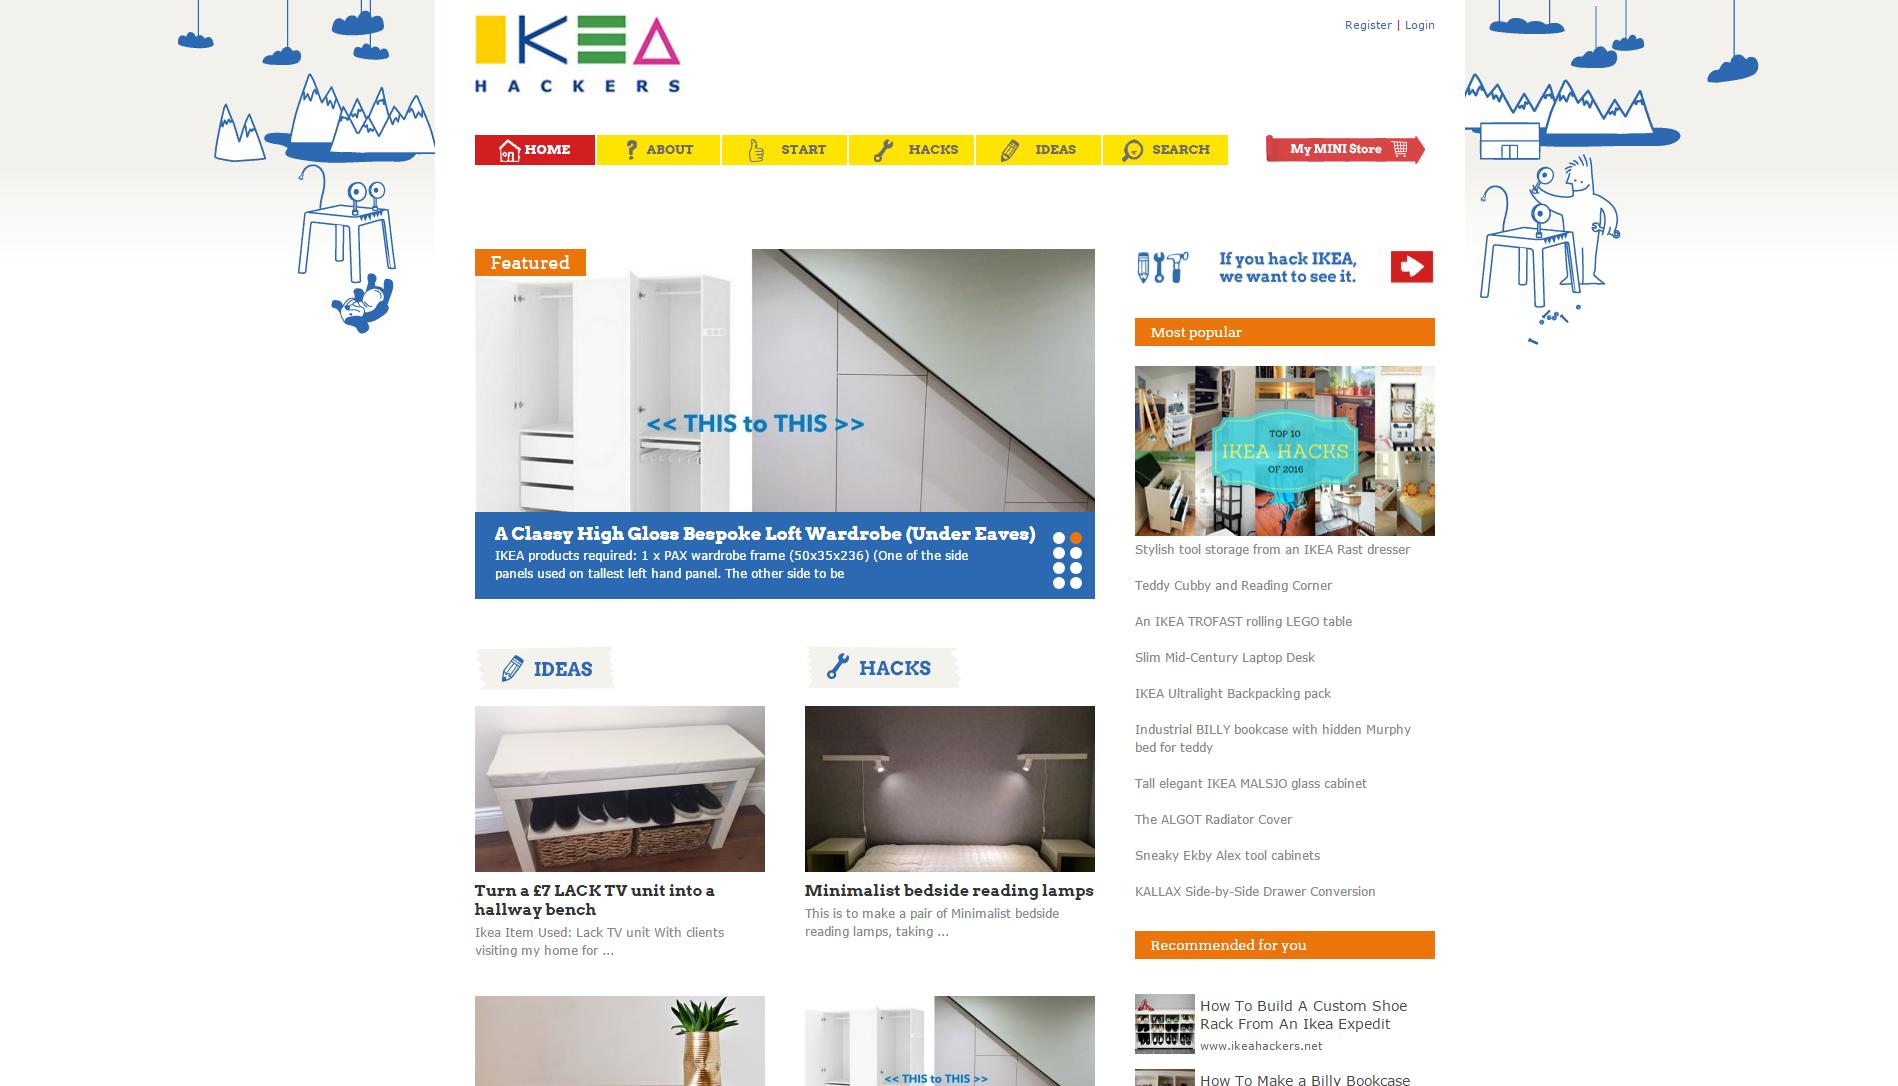 ikeahackers.com vous donne un tas d'idées pour personnaliser vos meubles IKEA